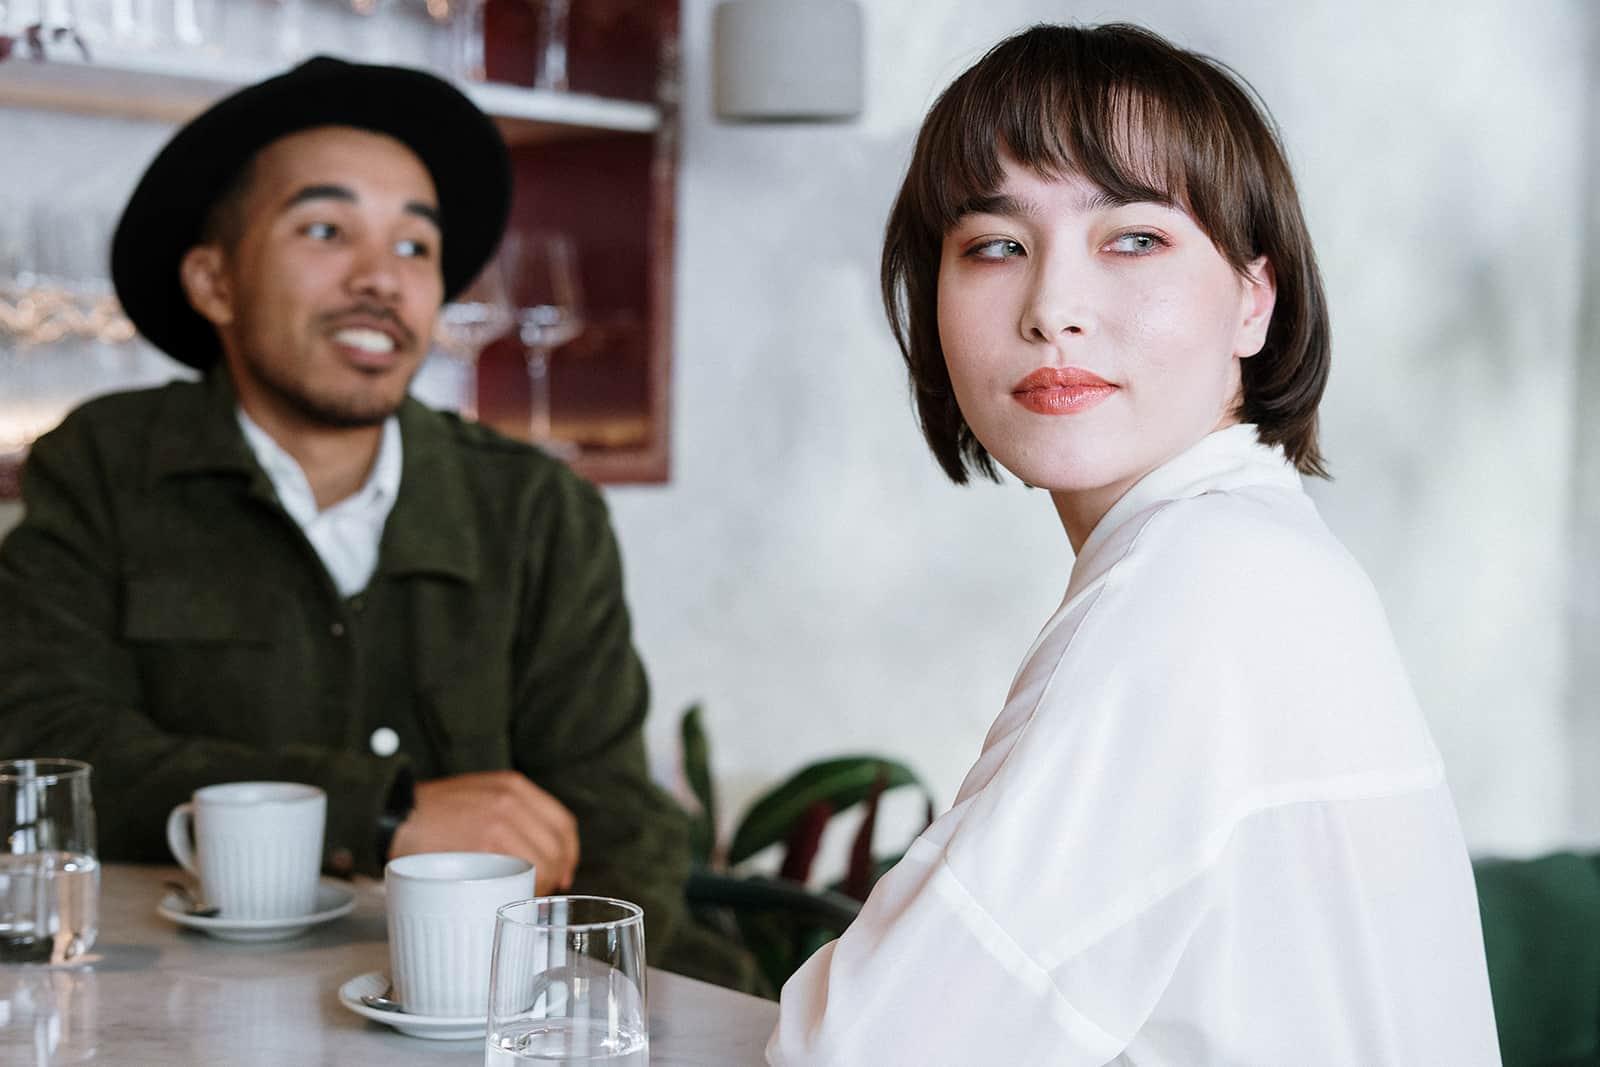 eine nachdenkliche Frau, die den Kopf von einem Mann dreht, der mit ihr bei einem Date im Café sitzt